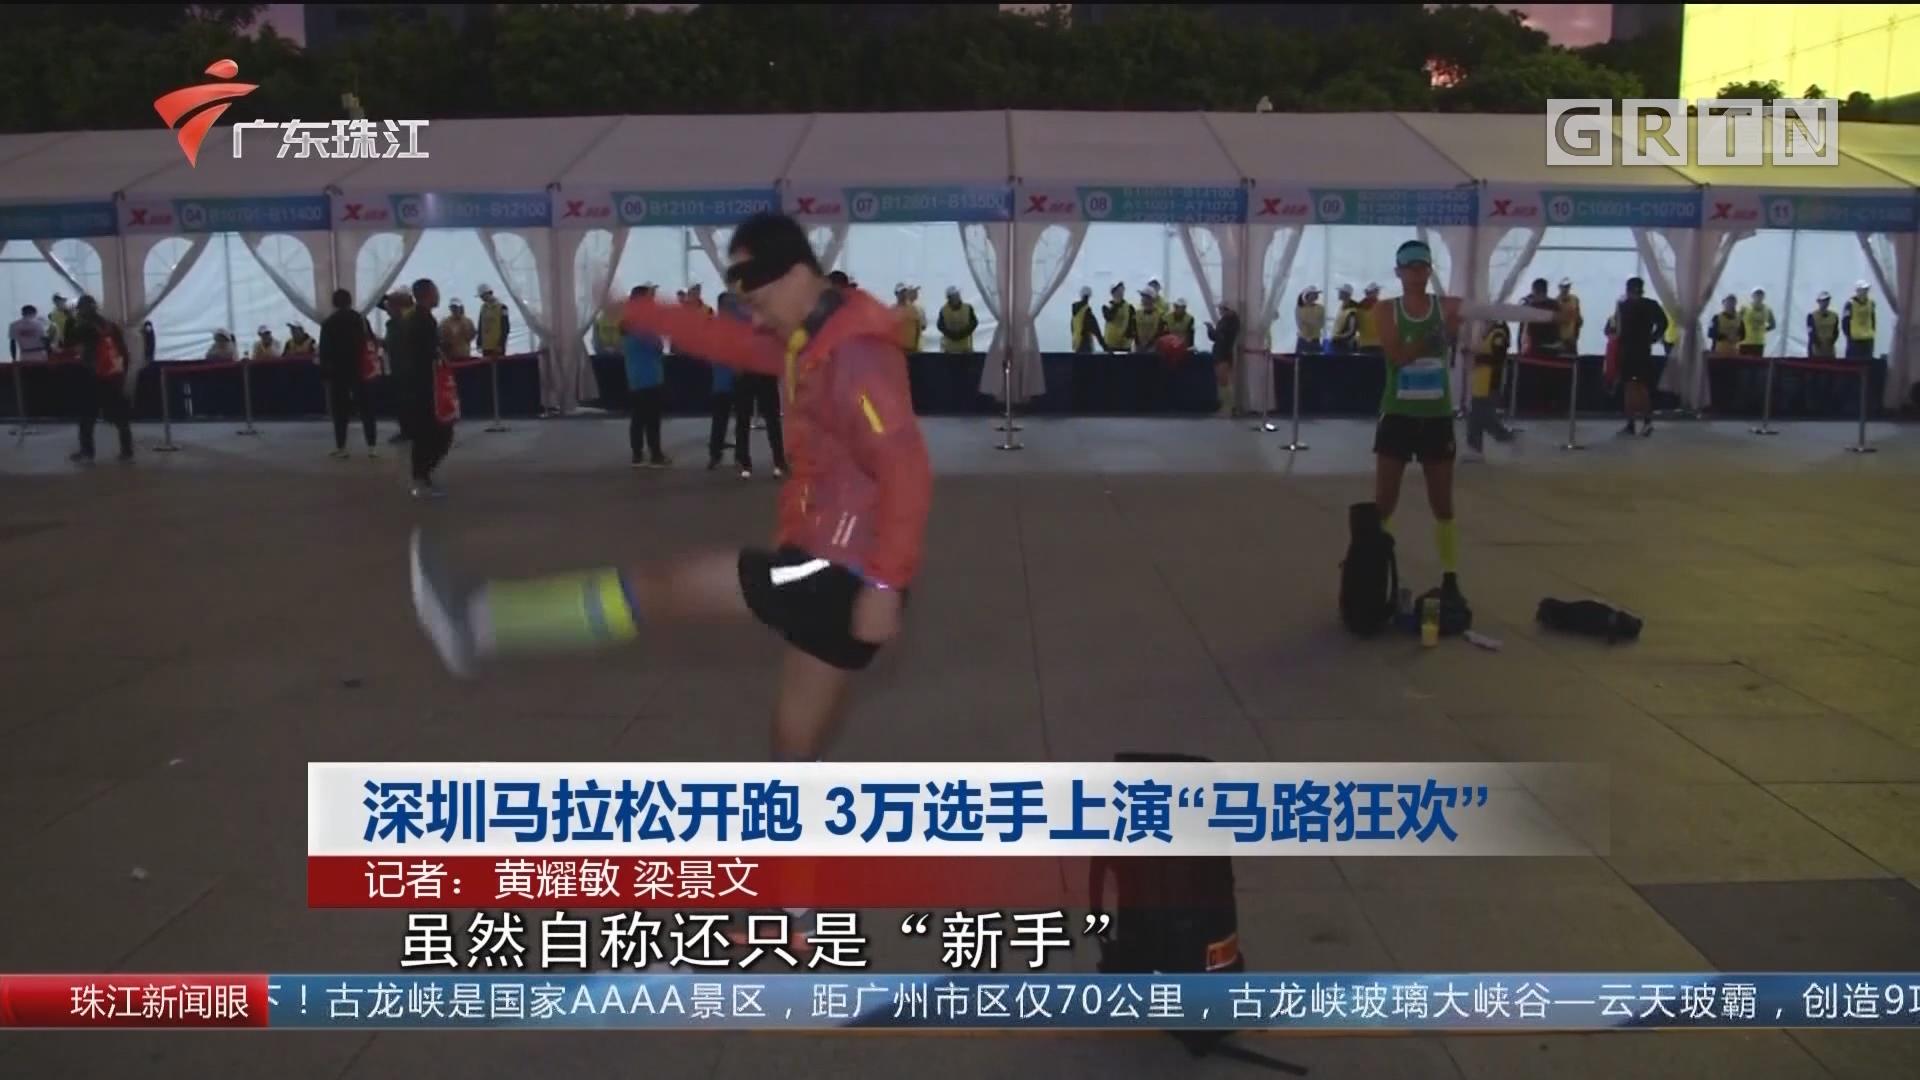 """深圳马拉松开跑 3万选手上演""""马路狂欢"""""""